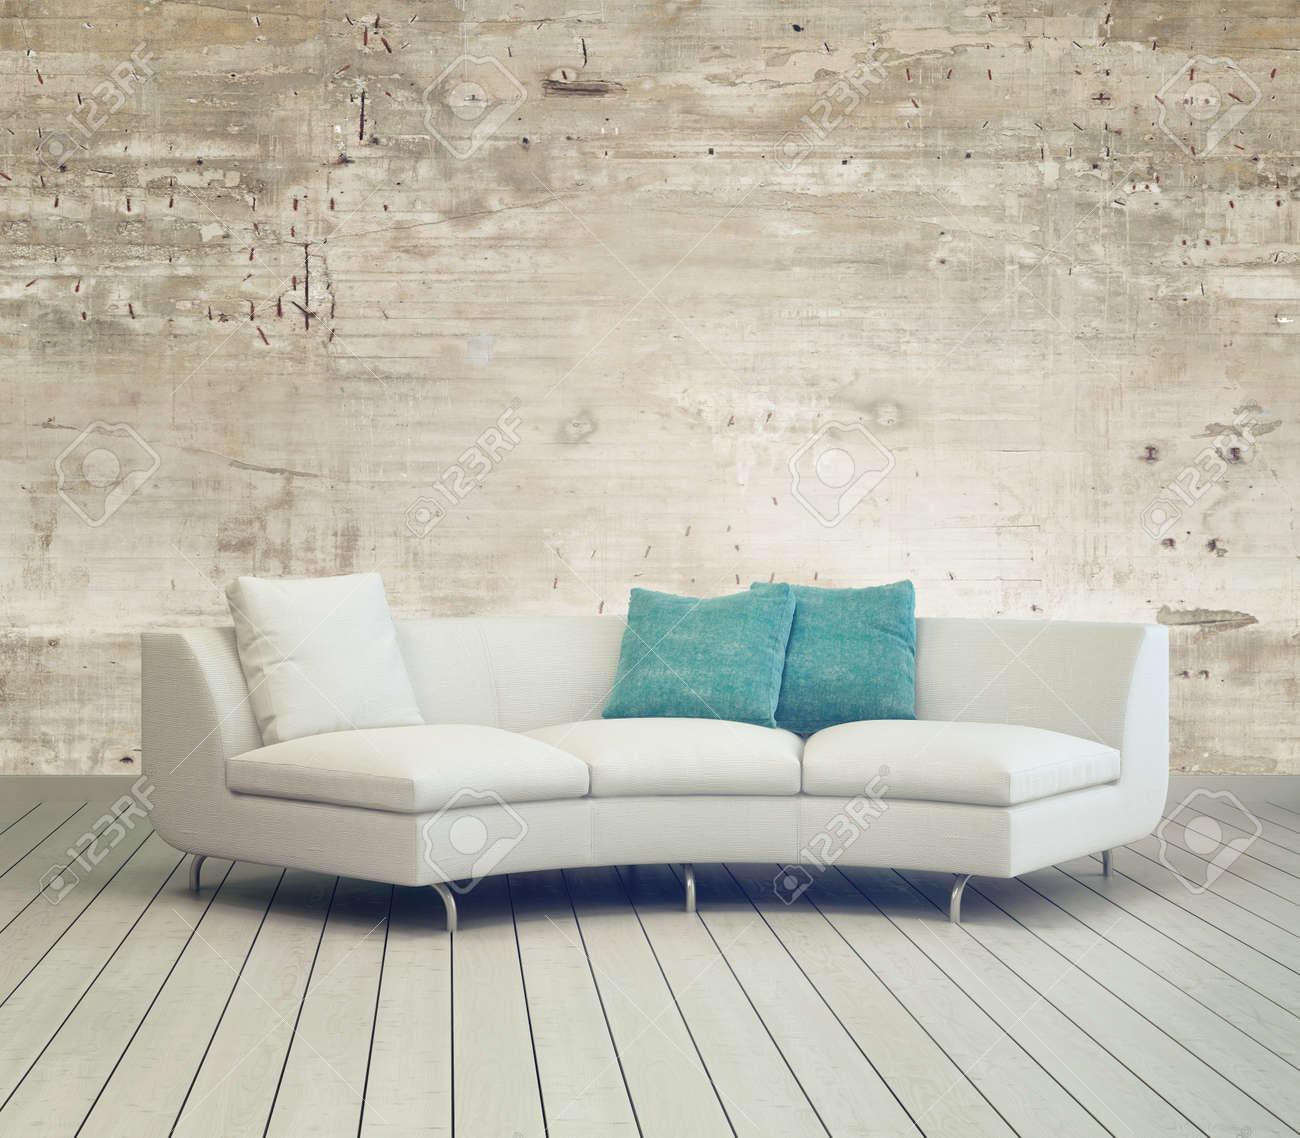 Weiße Couch-Möbel Auf Gemütliches Wohnzimmer Mit Unfinished Mauer ...